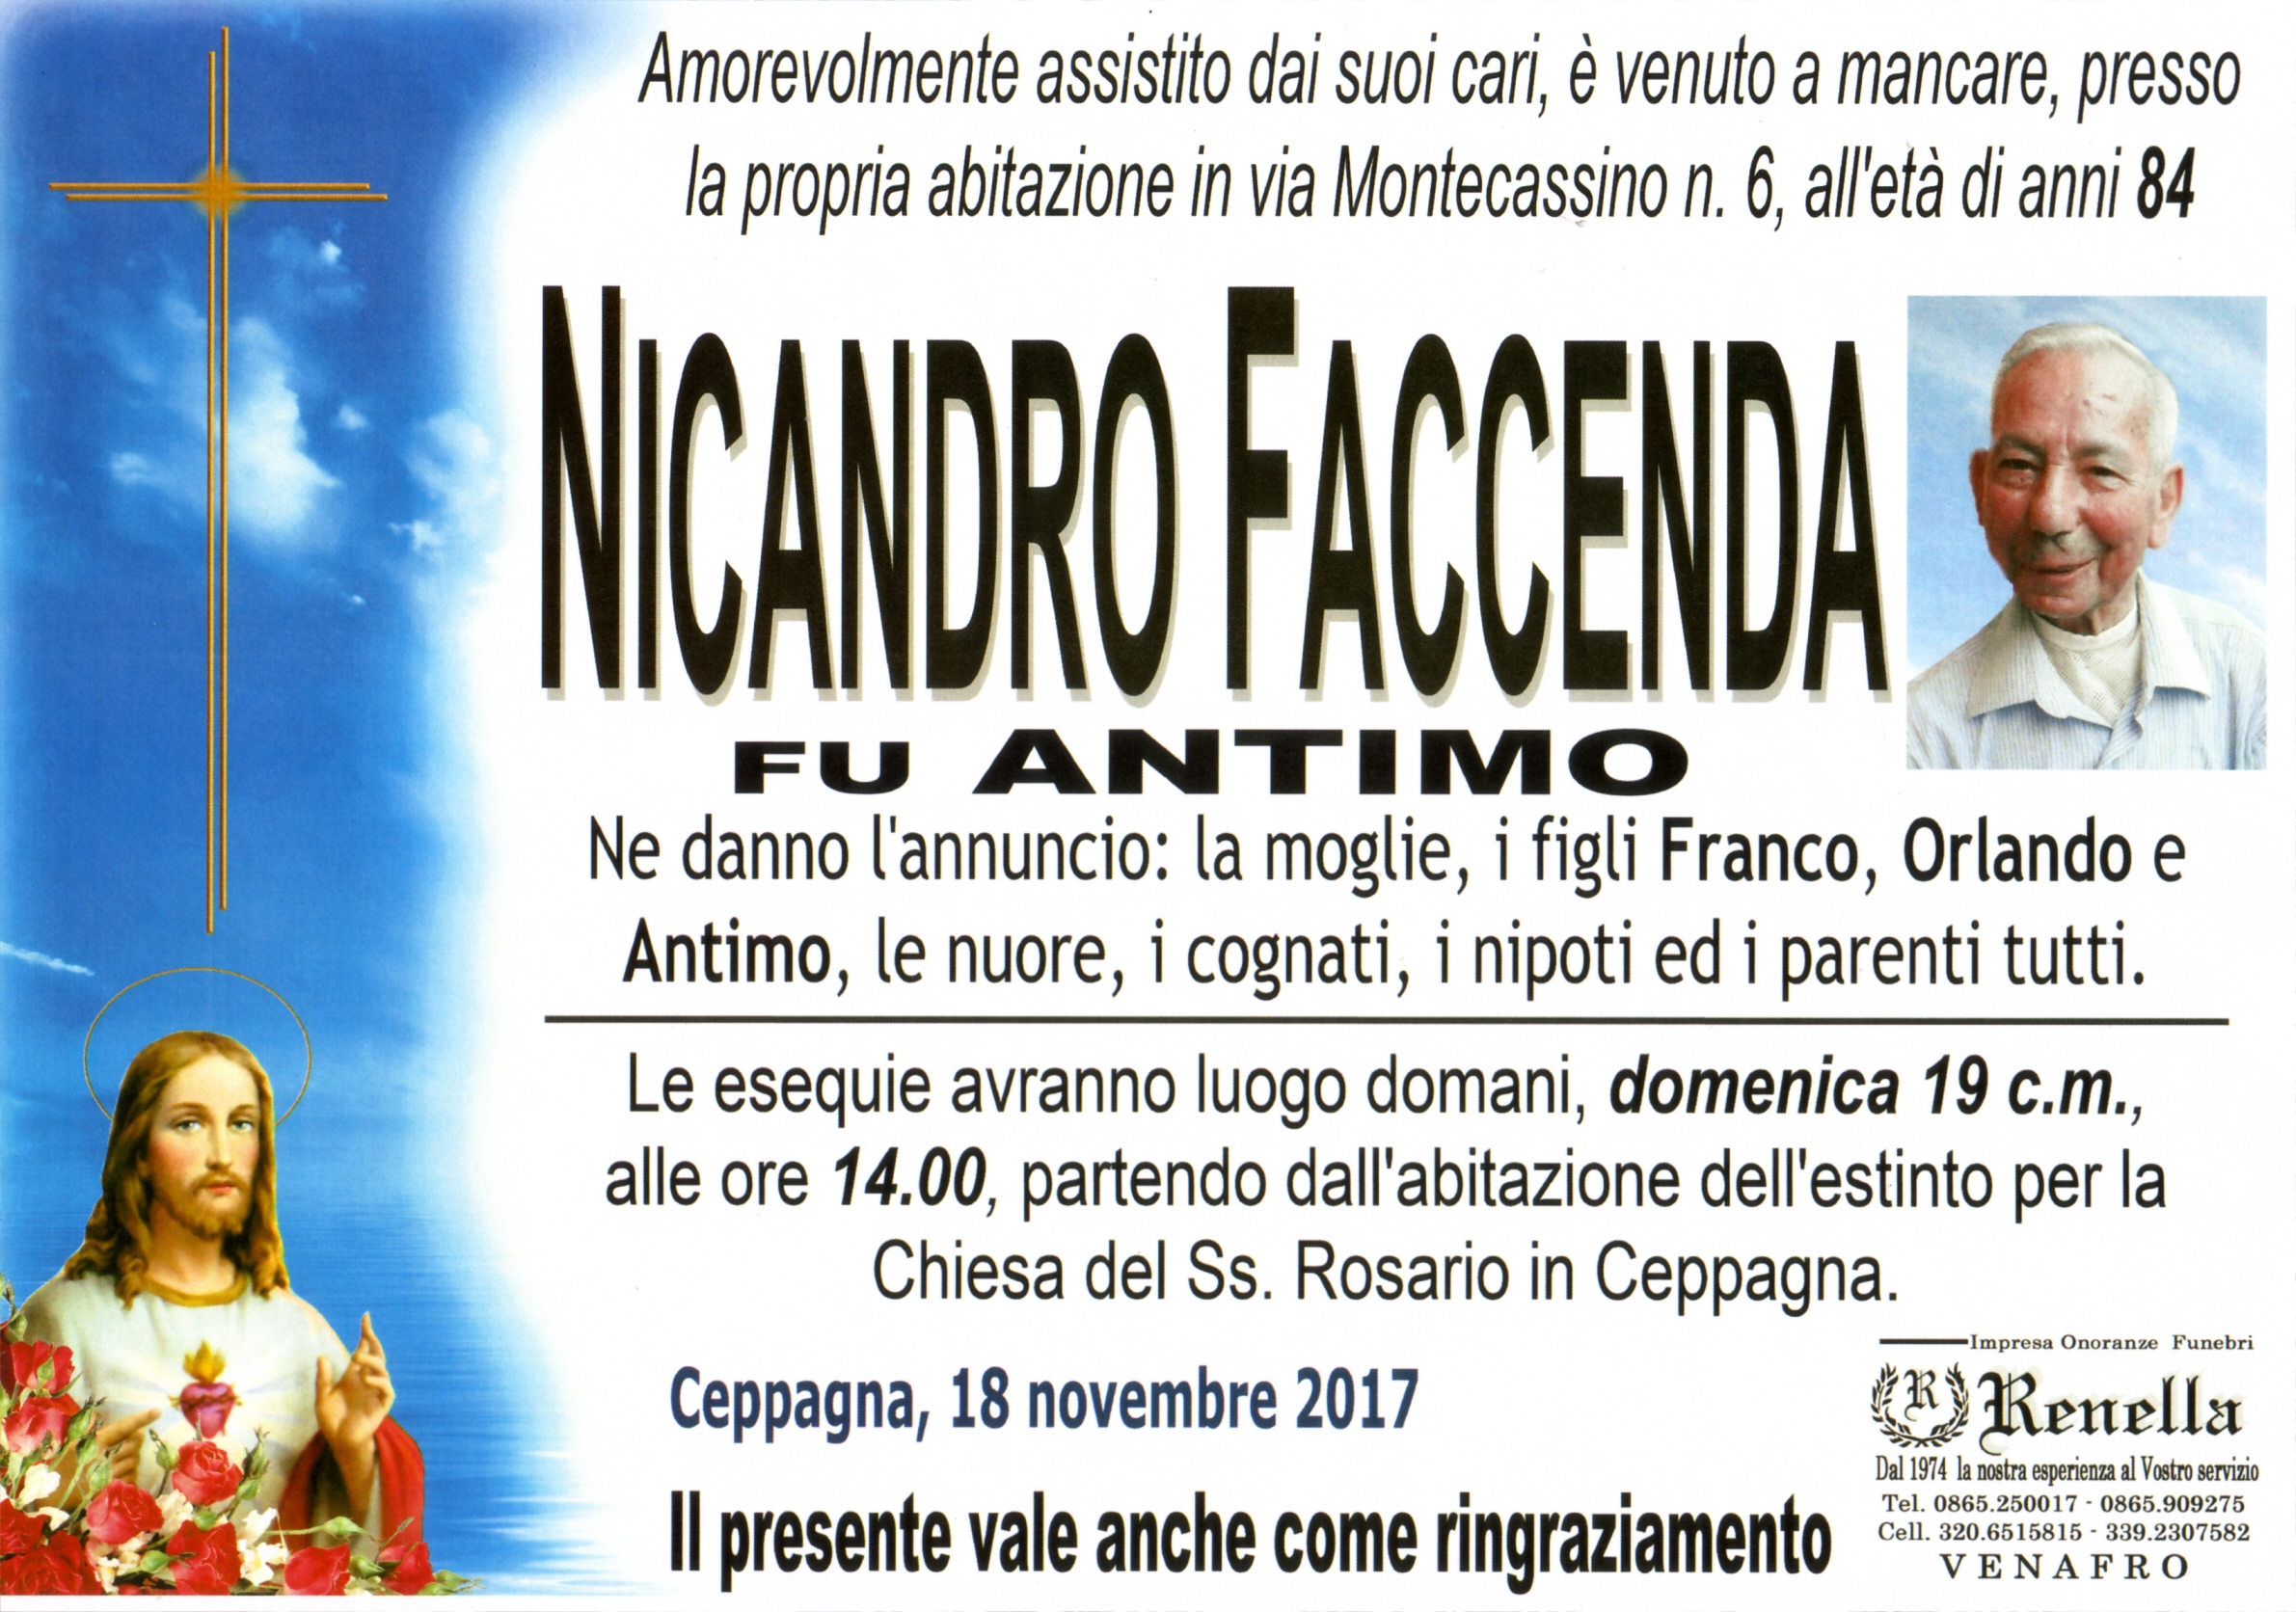 Nicandro Faccenda, 18/11/2017, Ceppagna – Onoranze Funebri Renella